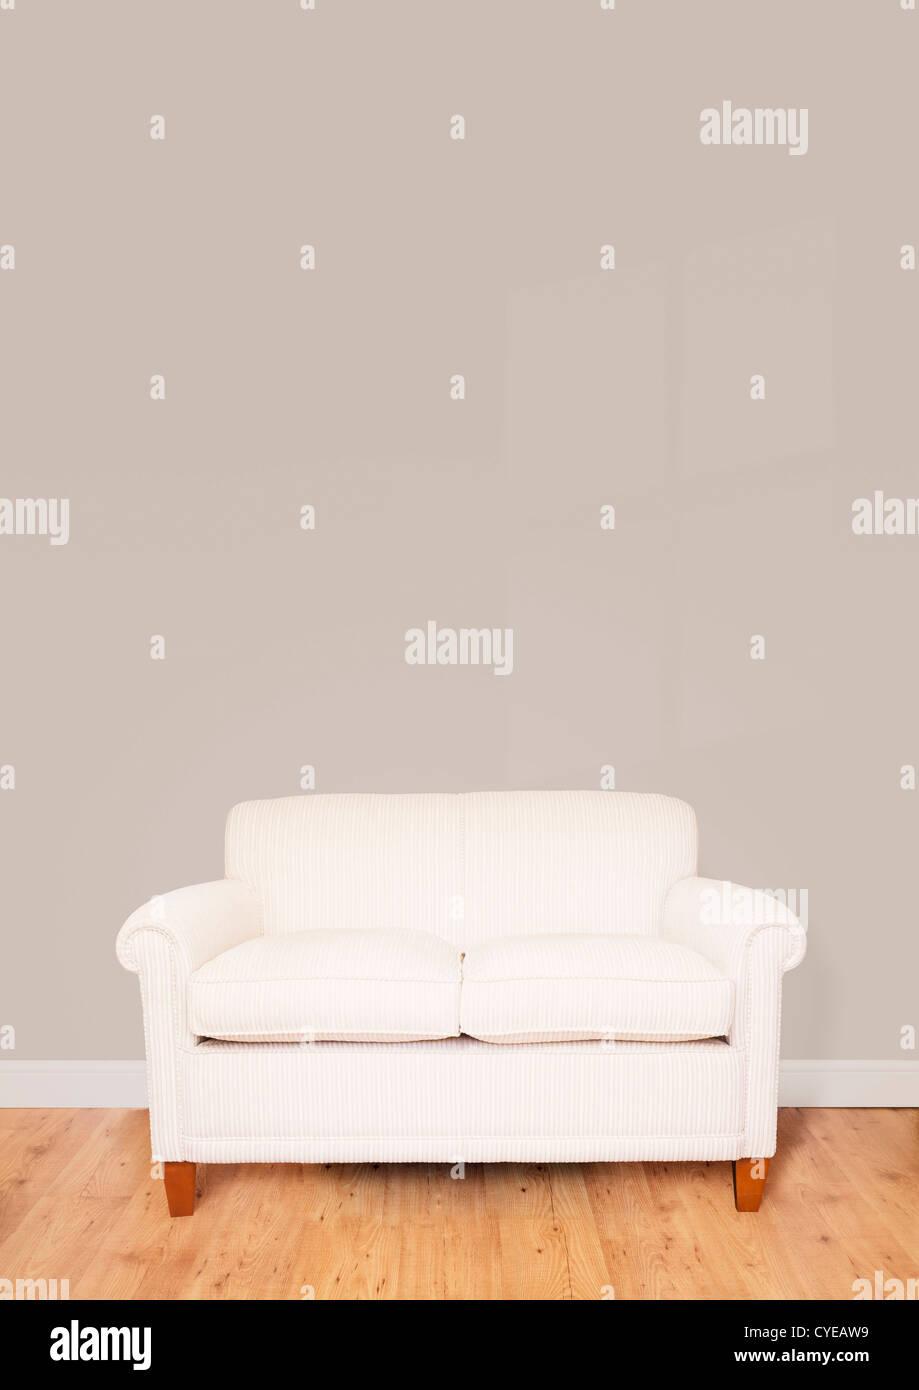 Crema moderno divano contro un muro grezzo con un sacco di spazio per il testo Immagini Stock